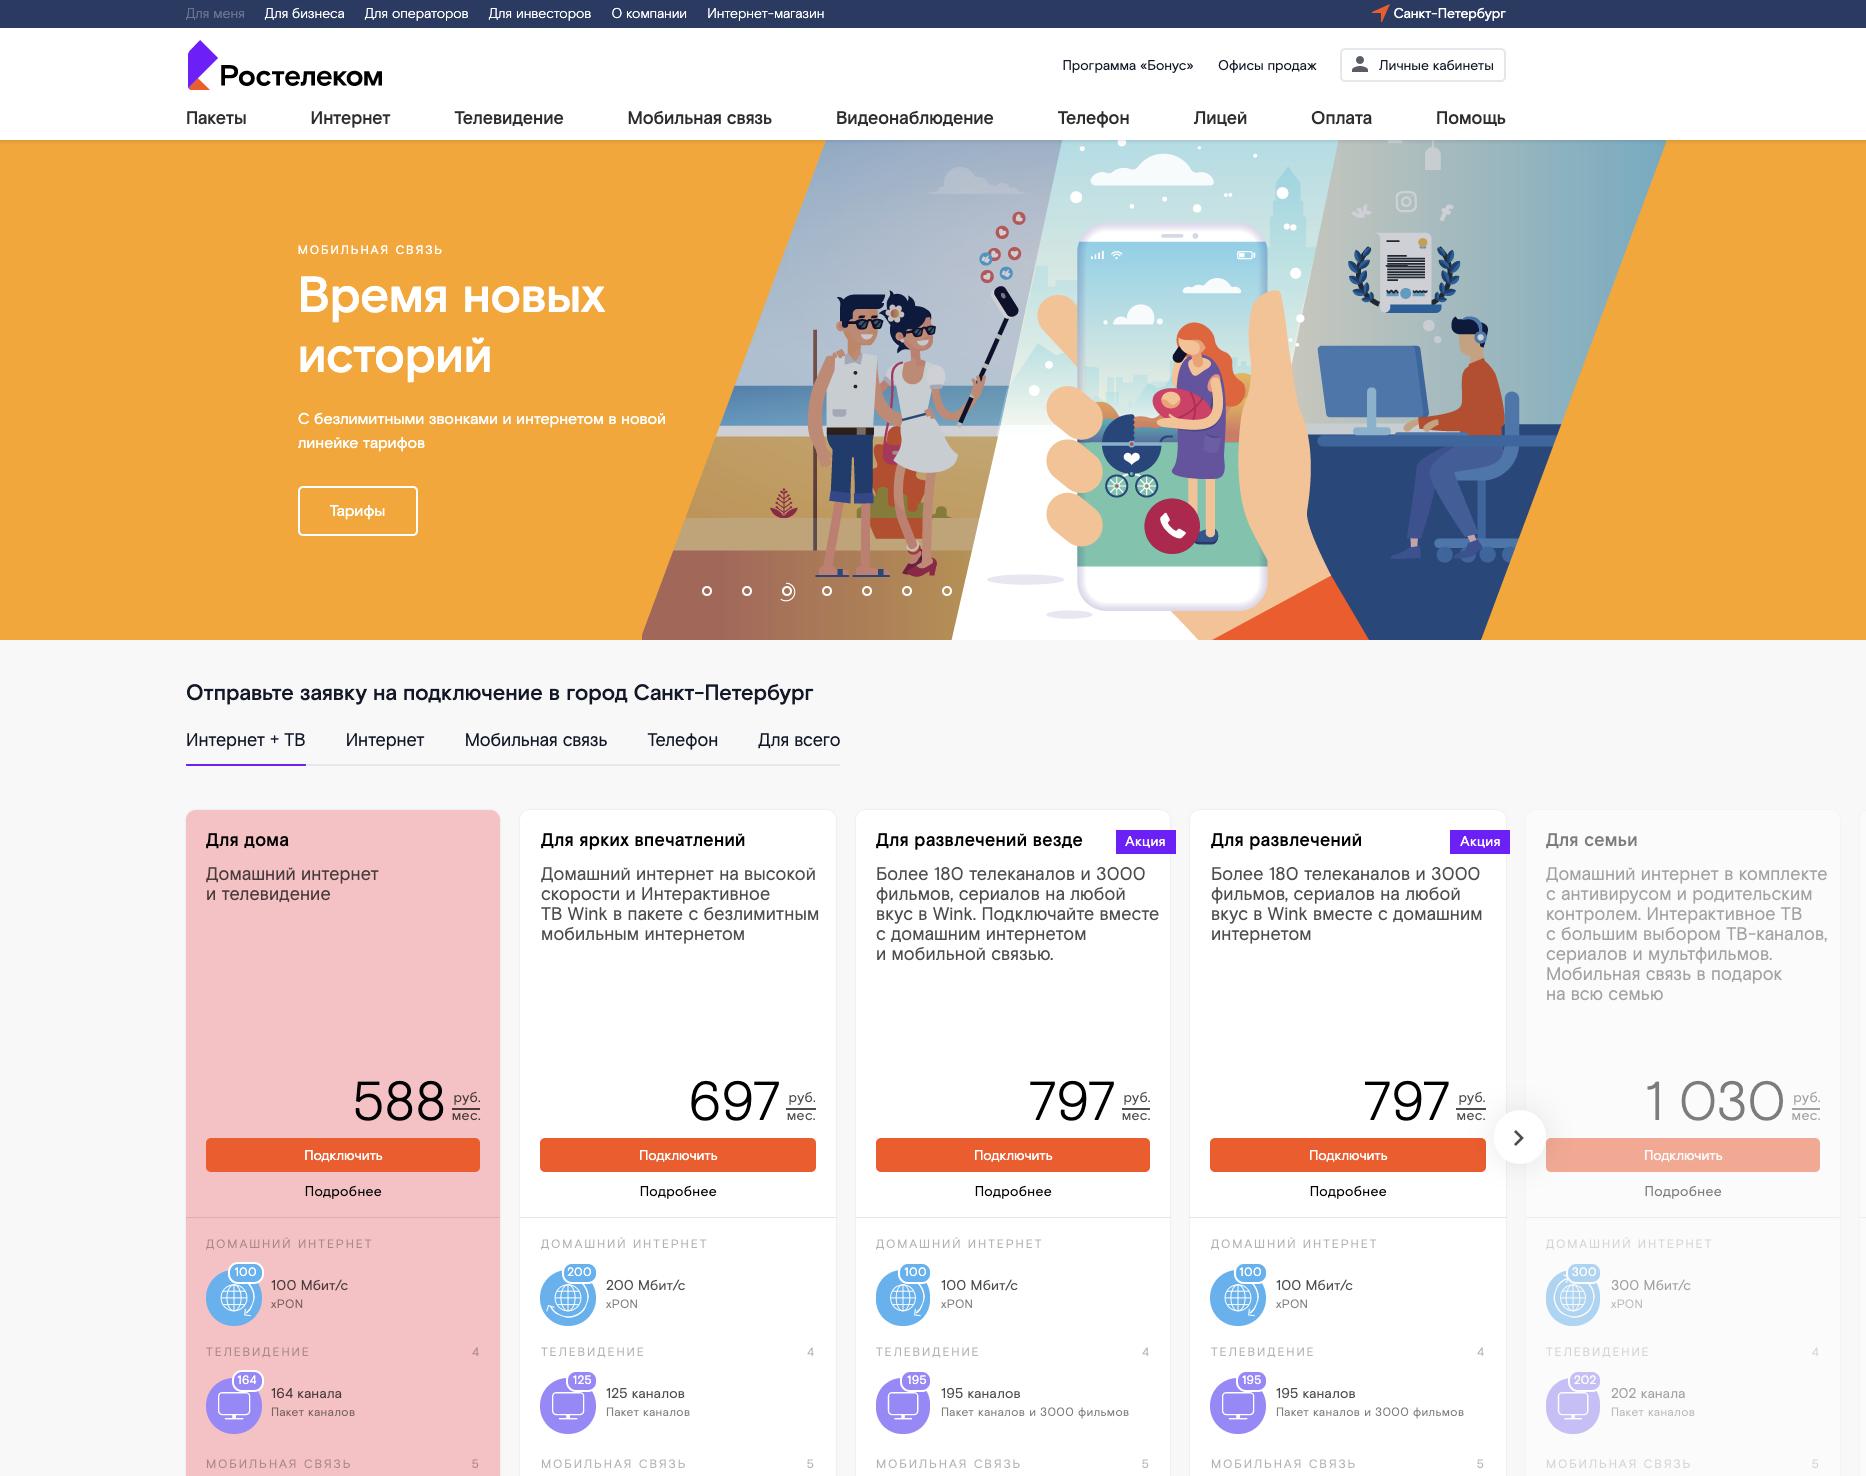 Ростелеком личный кабинет Санкт-Петербург